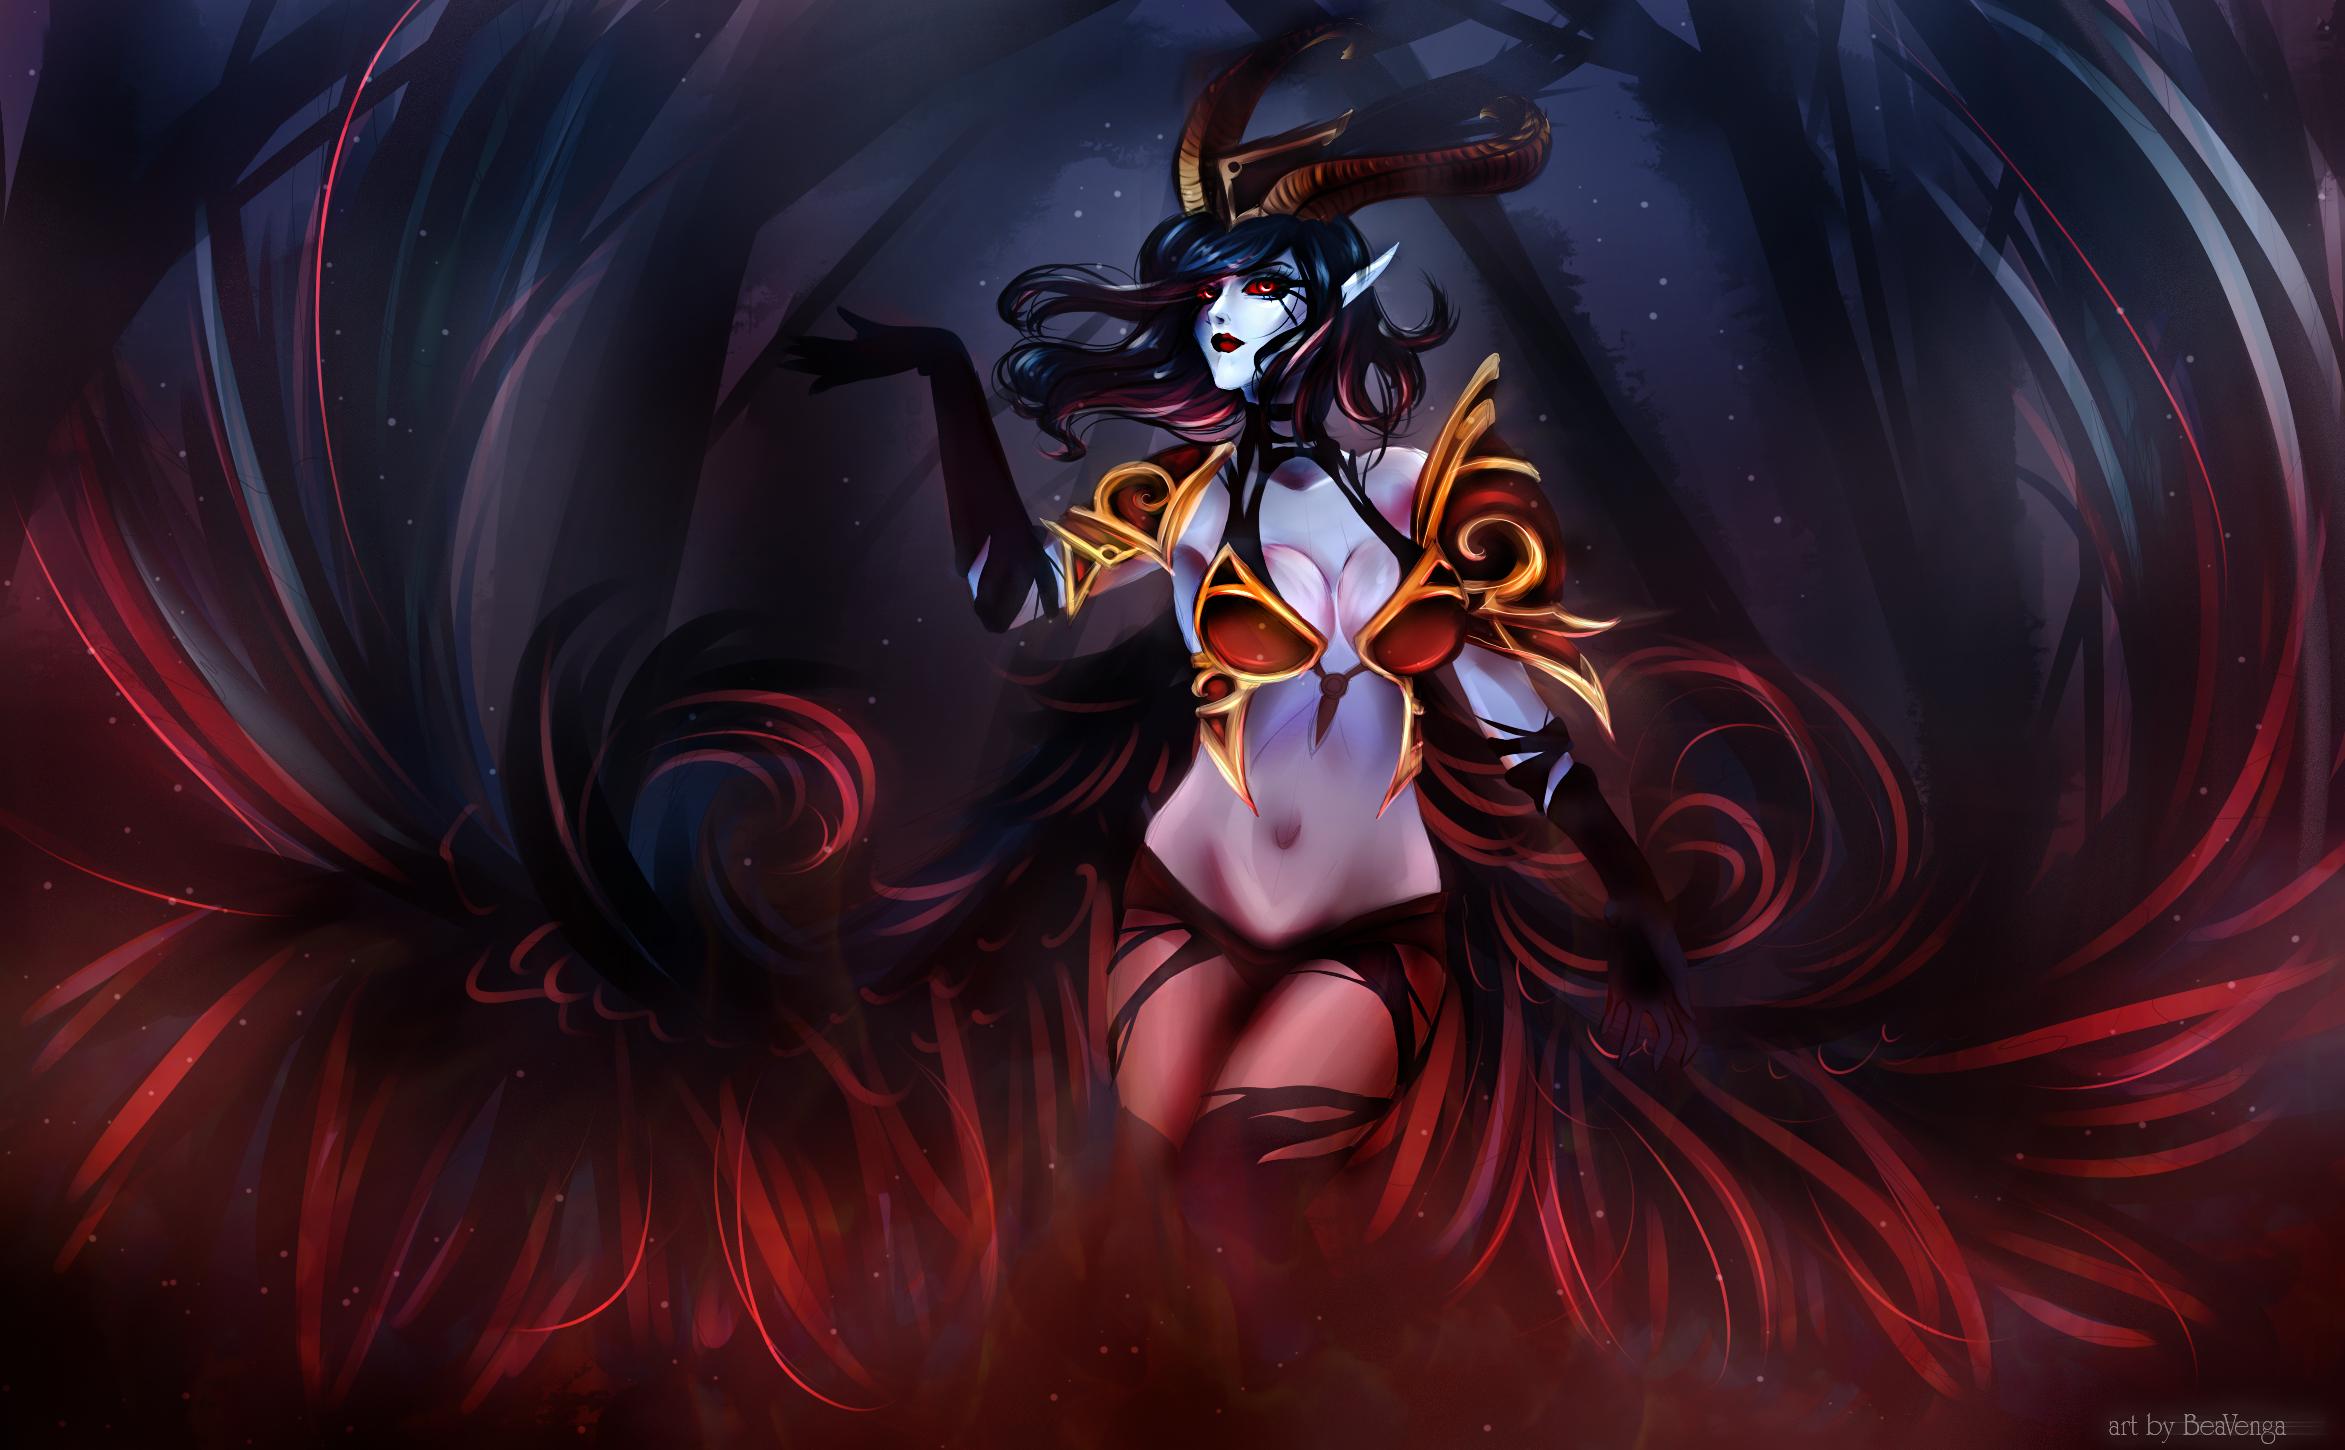 queen of pain dota 2 by beavenga on deviantart